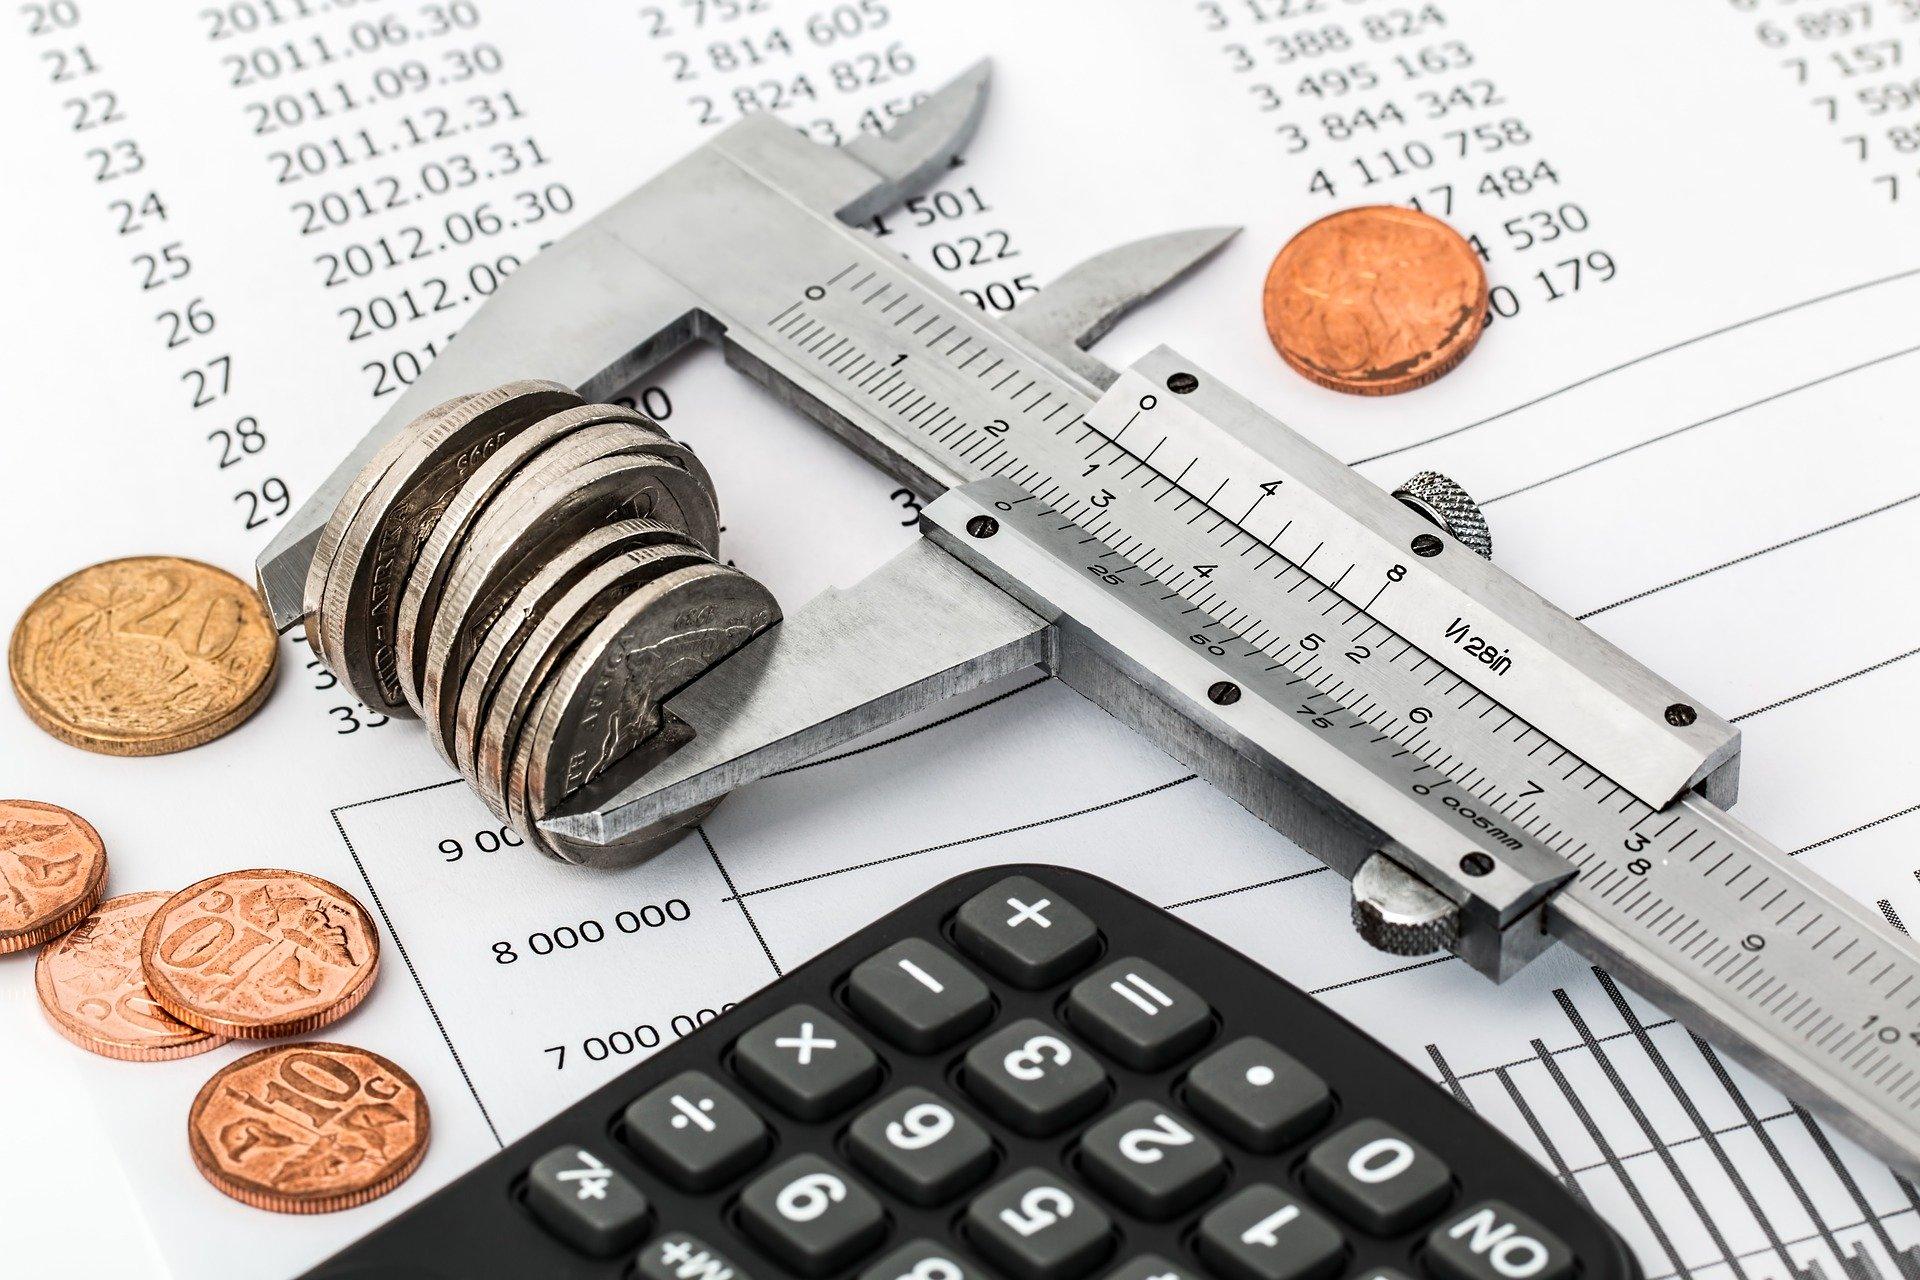 Finansiel sikkerhed: Sådan opnår du økonomisk uafhængighed